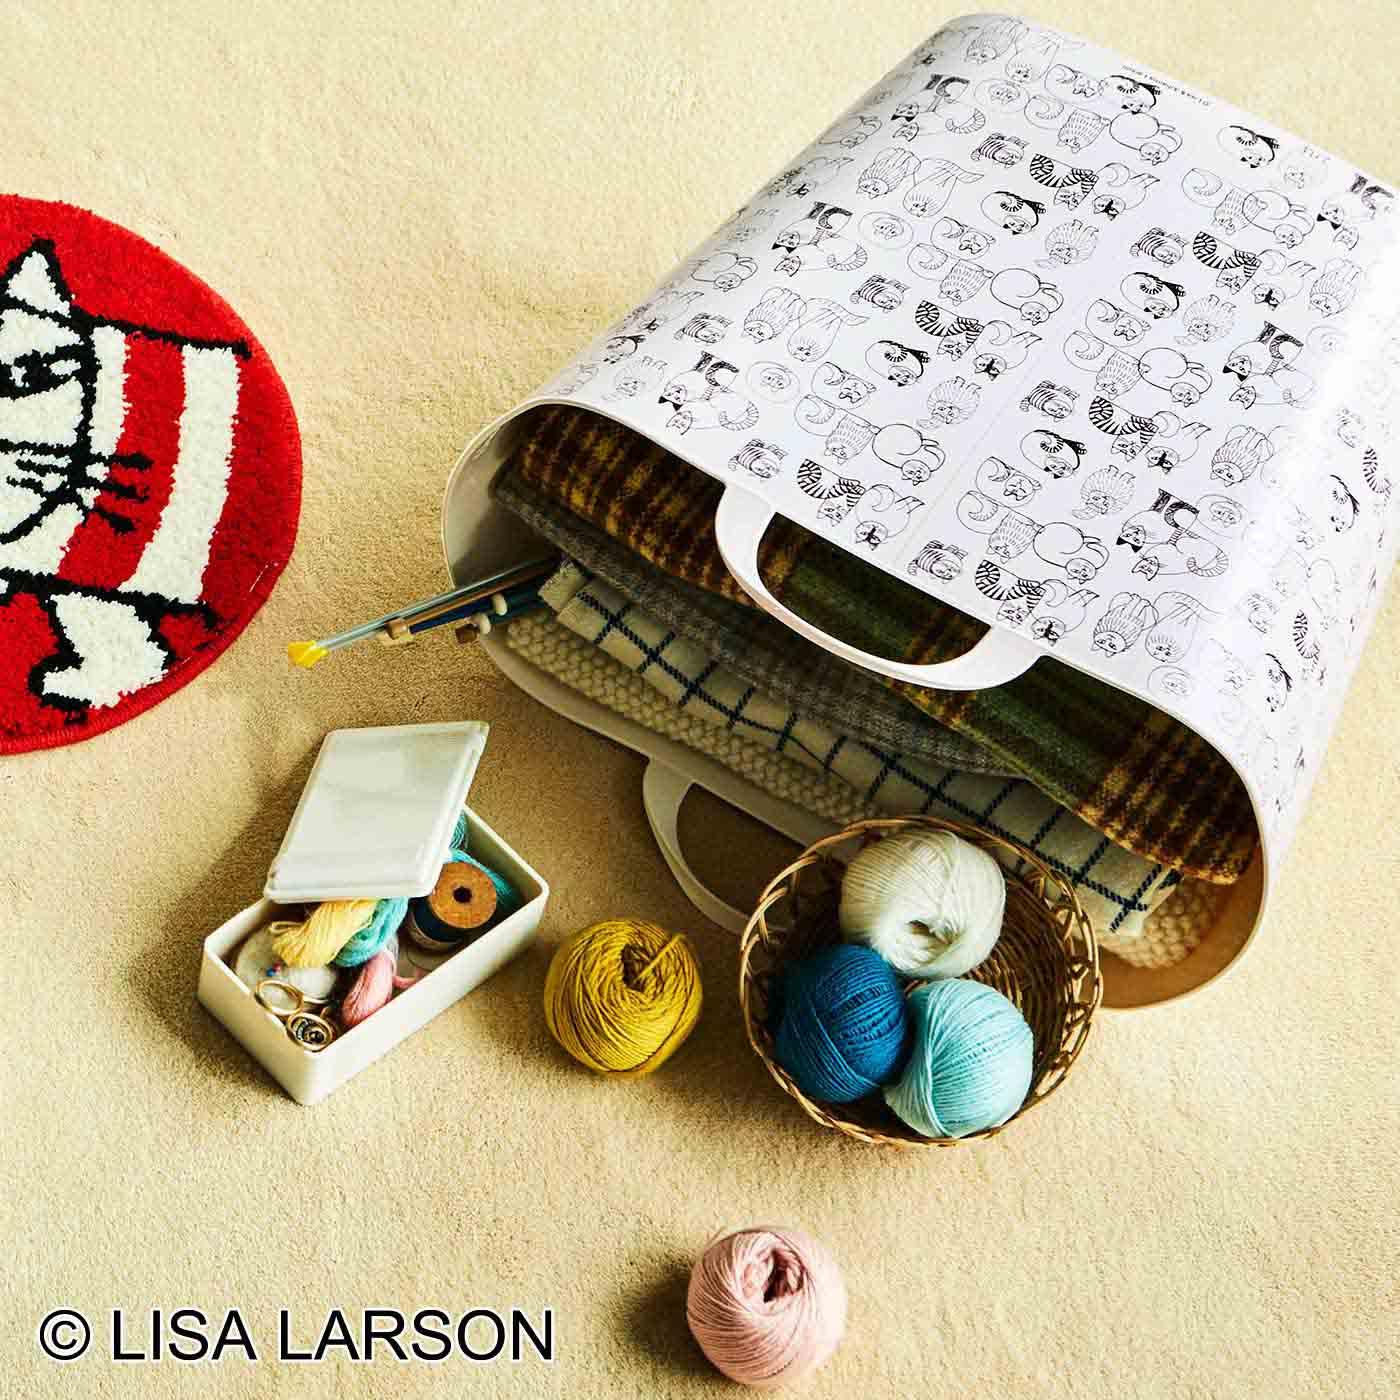 リサ・ラーソン 収納にもお洗濯にも使える 洗えるお片づけバケットの会